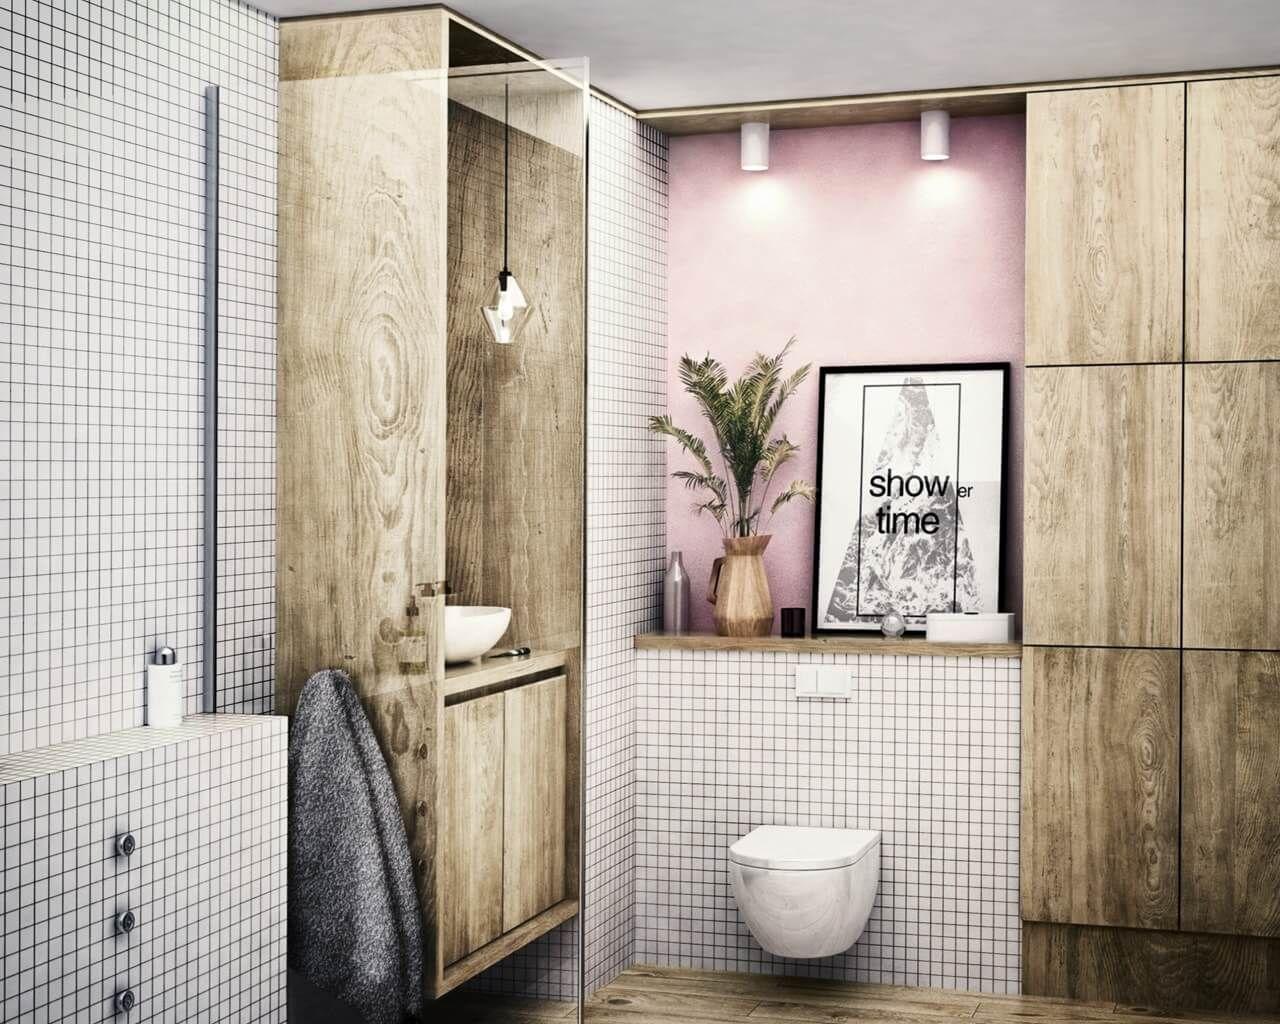 Biała Mozaika I Surowość Drewna W Niedużej łazience